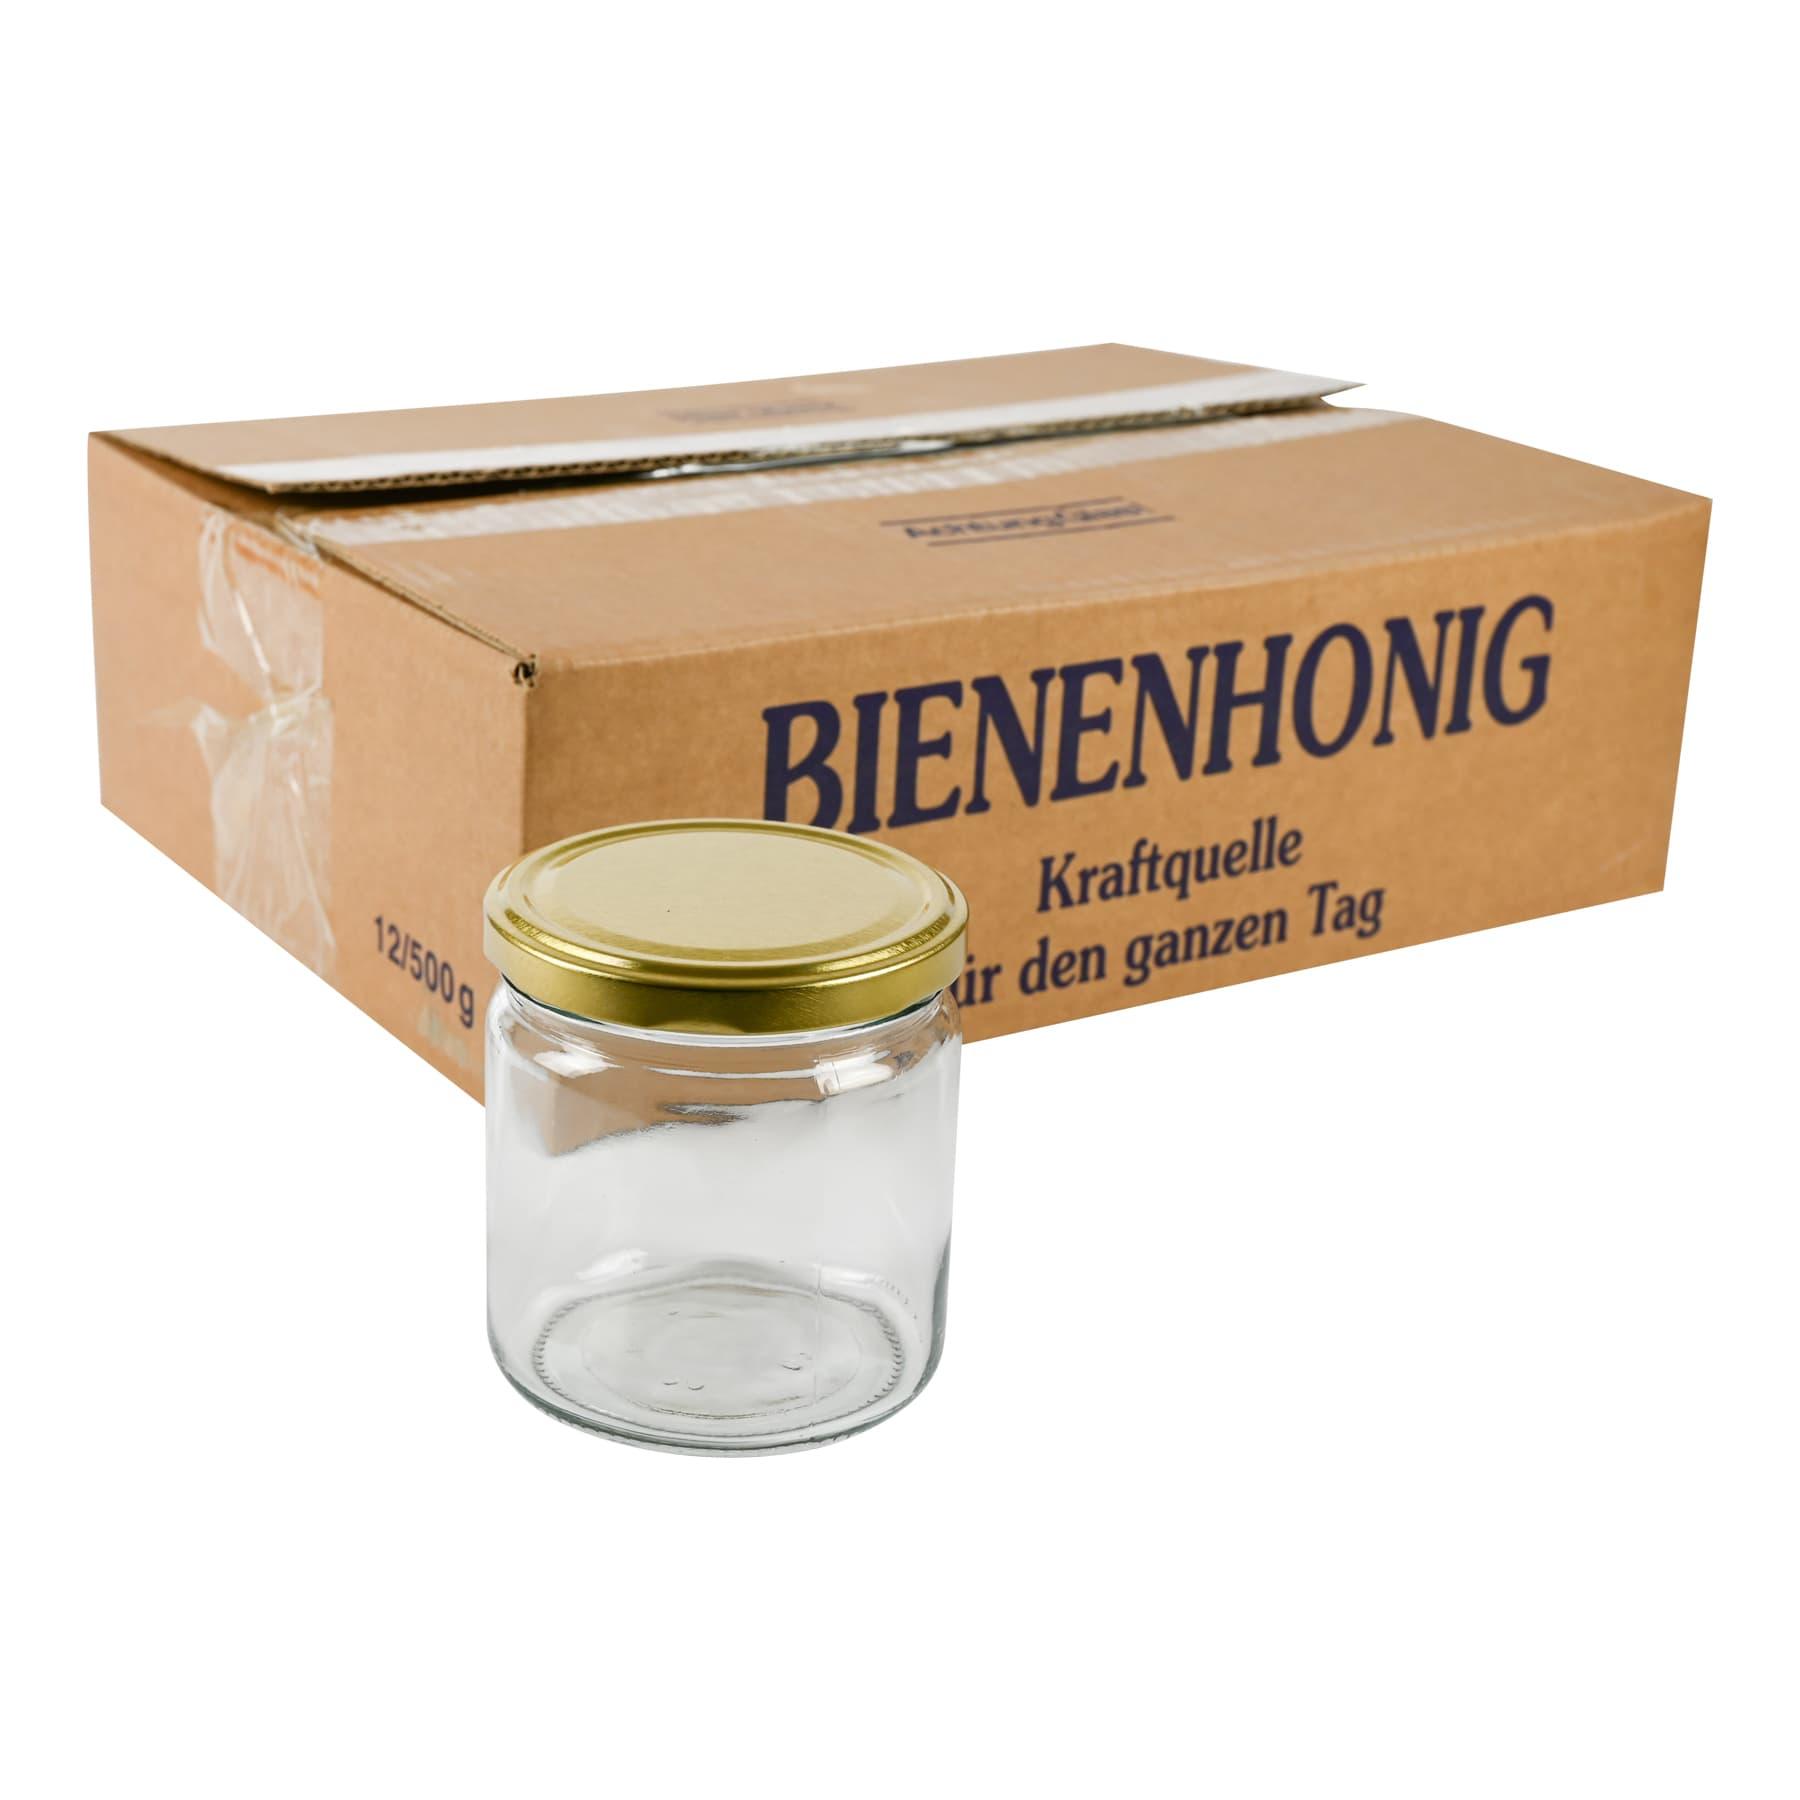 Rundglas 500g (405 ml), mit T0  Deckel gold 82 mm im 12 Karton Selbstabholung